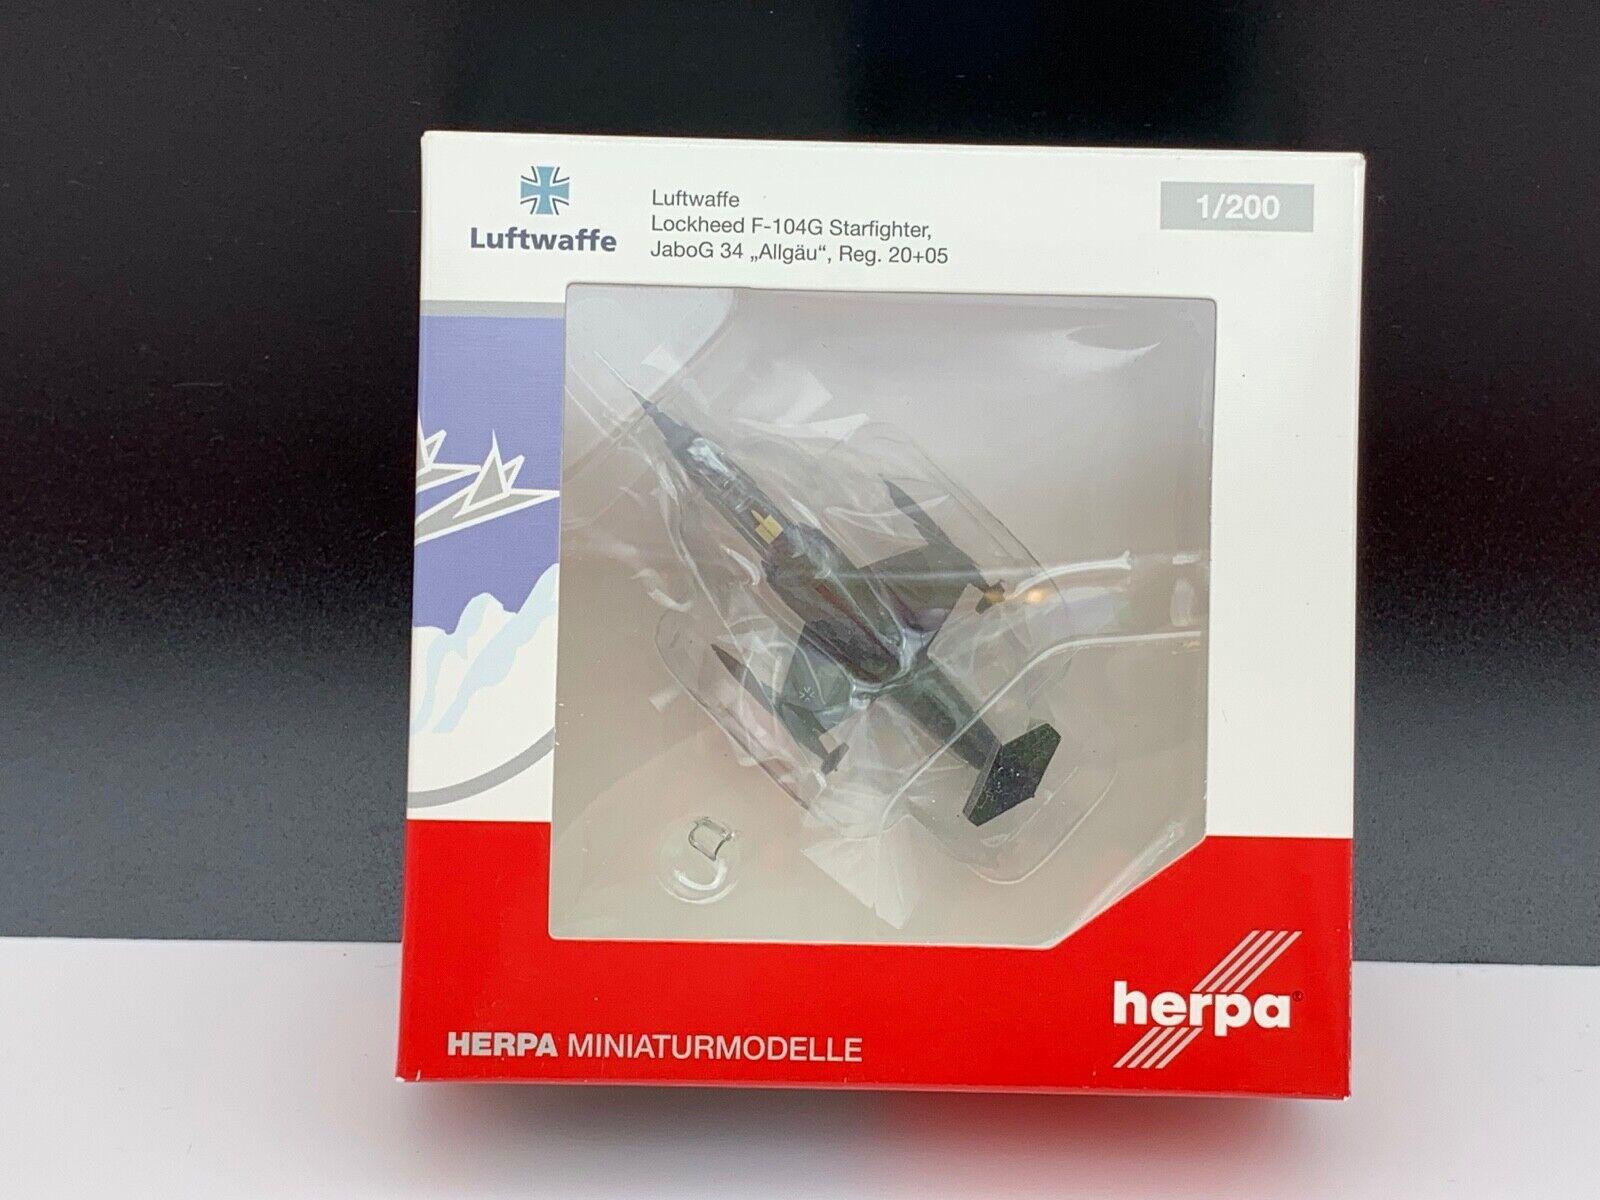 Herpa avión 555678 modelos en miniatura avión 1 200. nunca deshacer las maletas. top